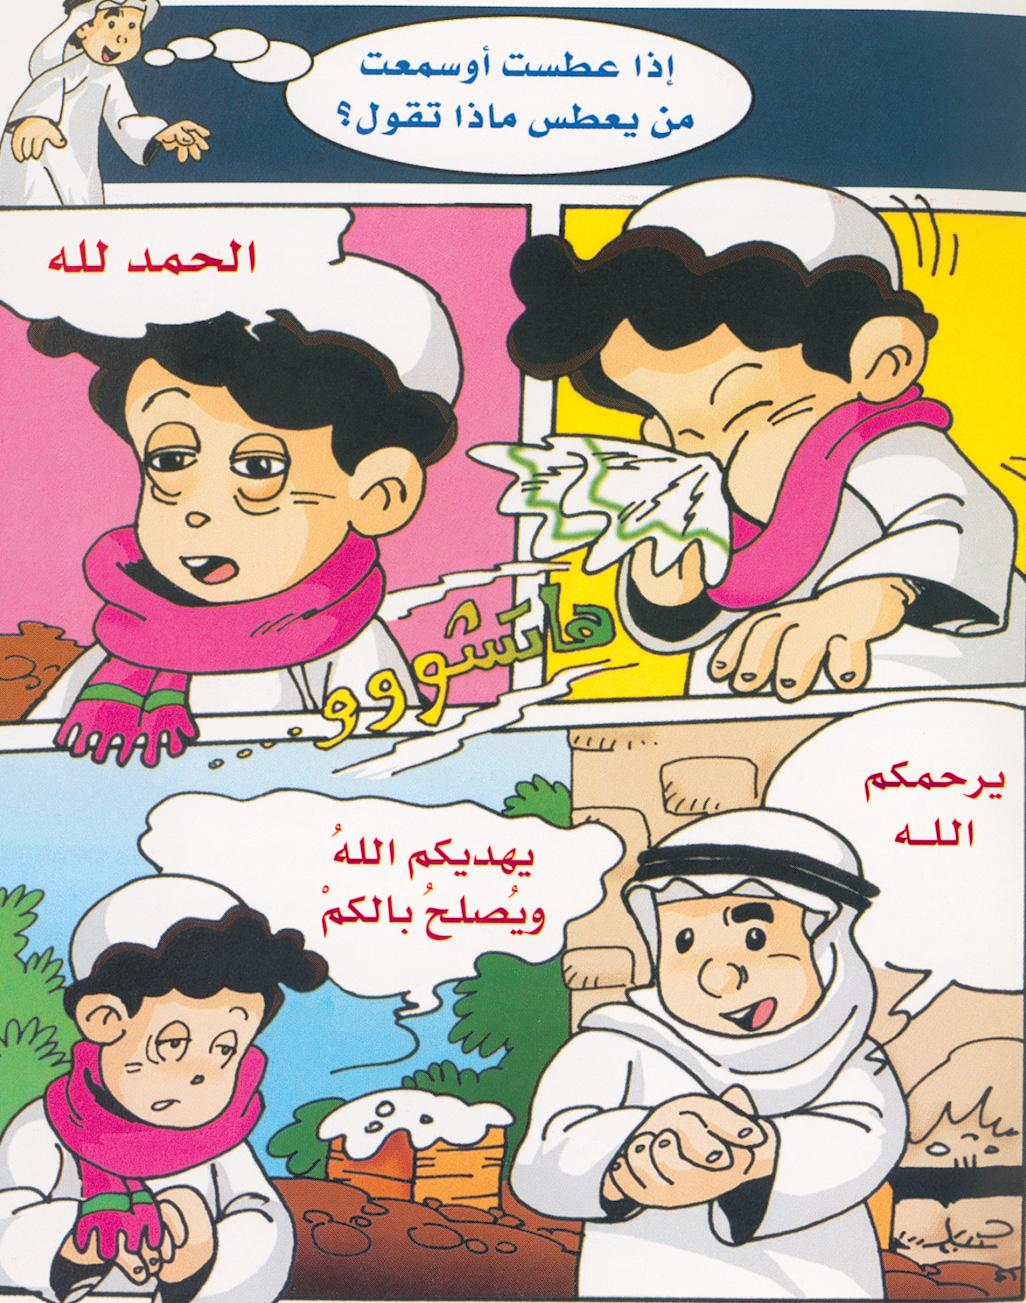 Berusahalahuntuk Bertutur Dalam Bahasa Arab Kerana Bahasa